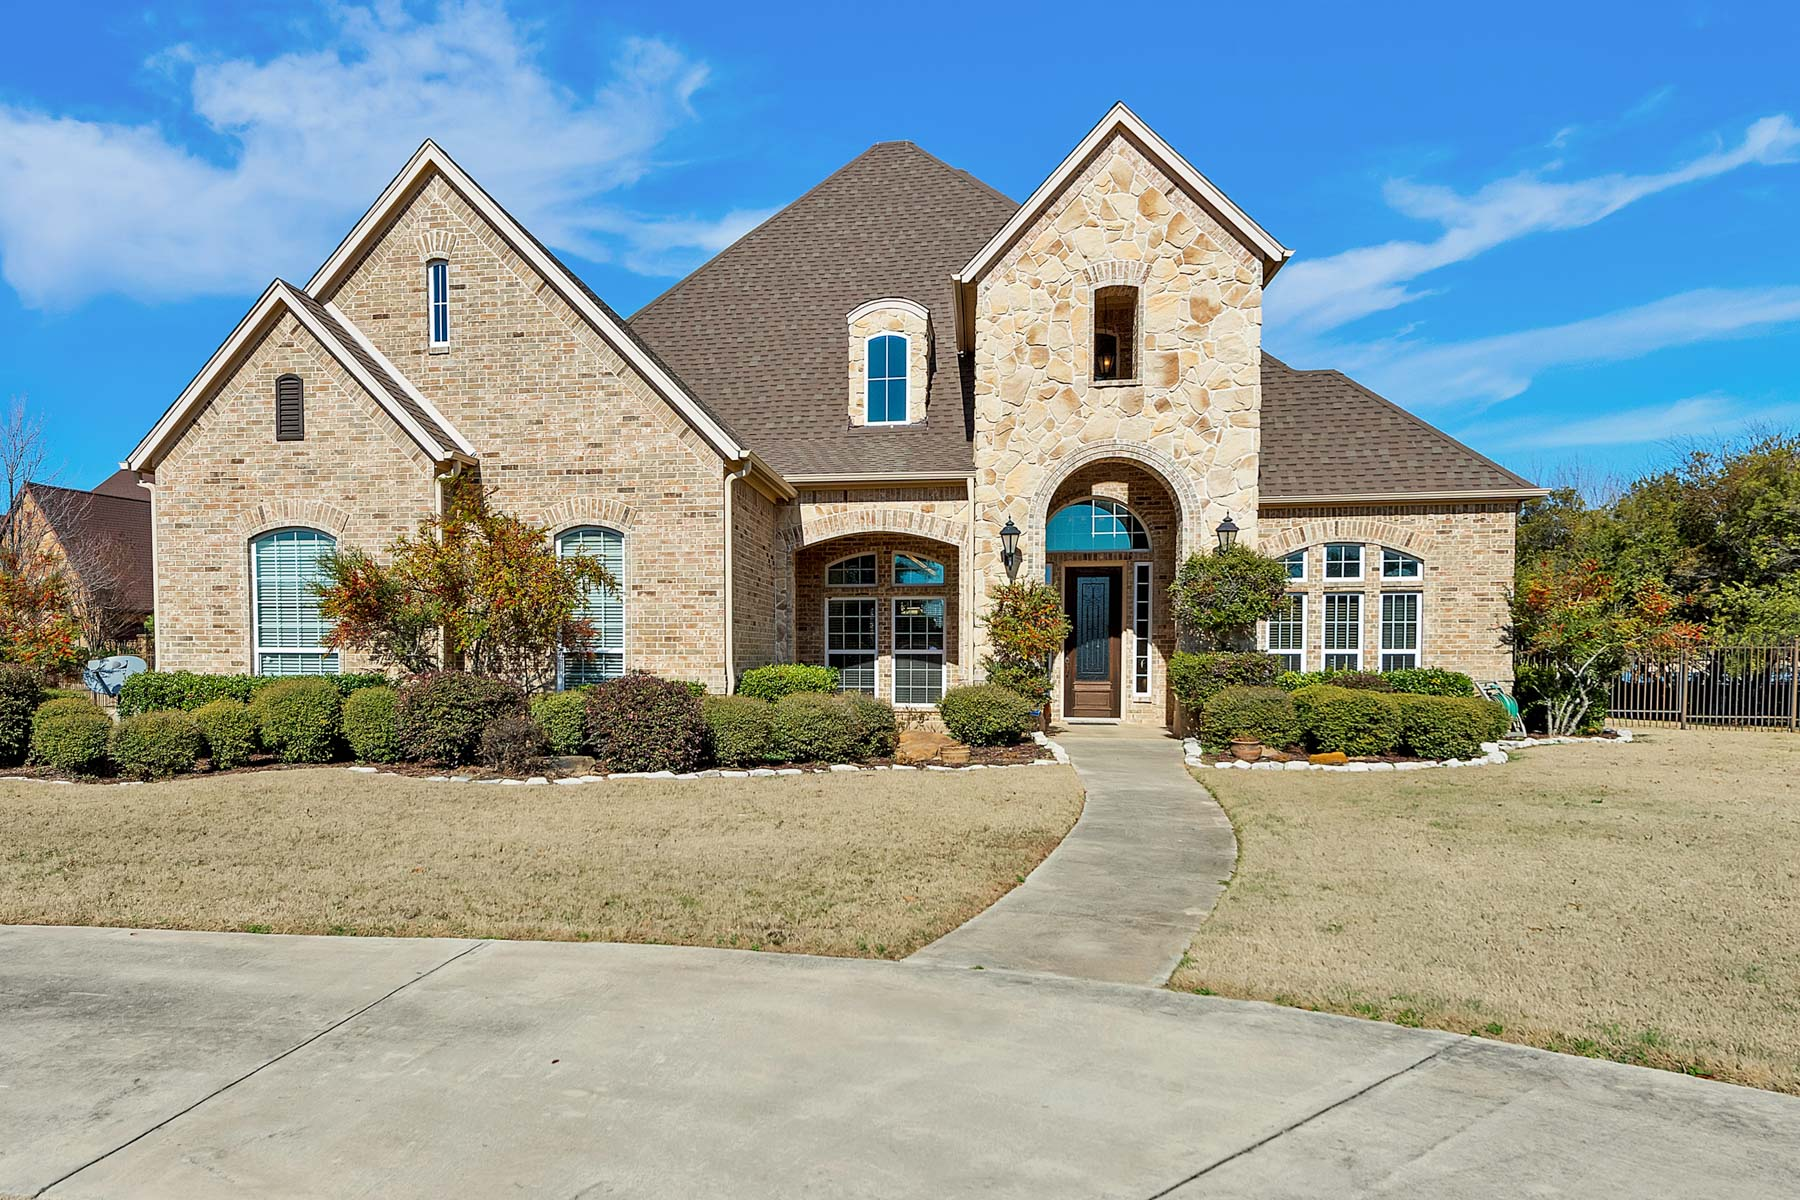 一戸建て のために 売買 アット 6100 Lake Shore Drive, Fort Worth Fort Worth, テキサス, 76179 アメリカ合衆国